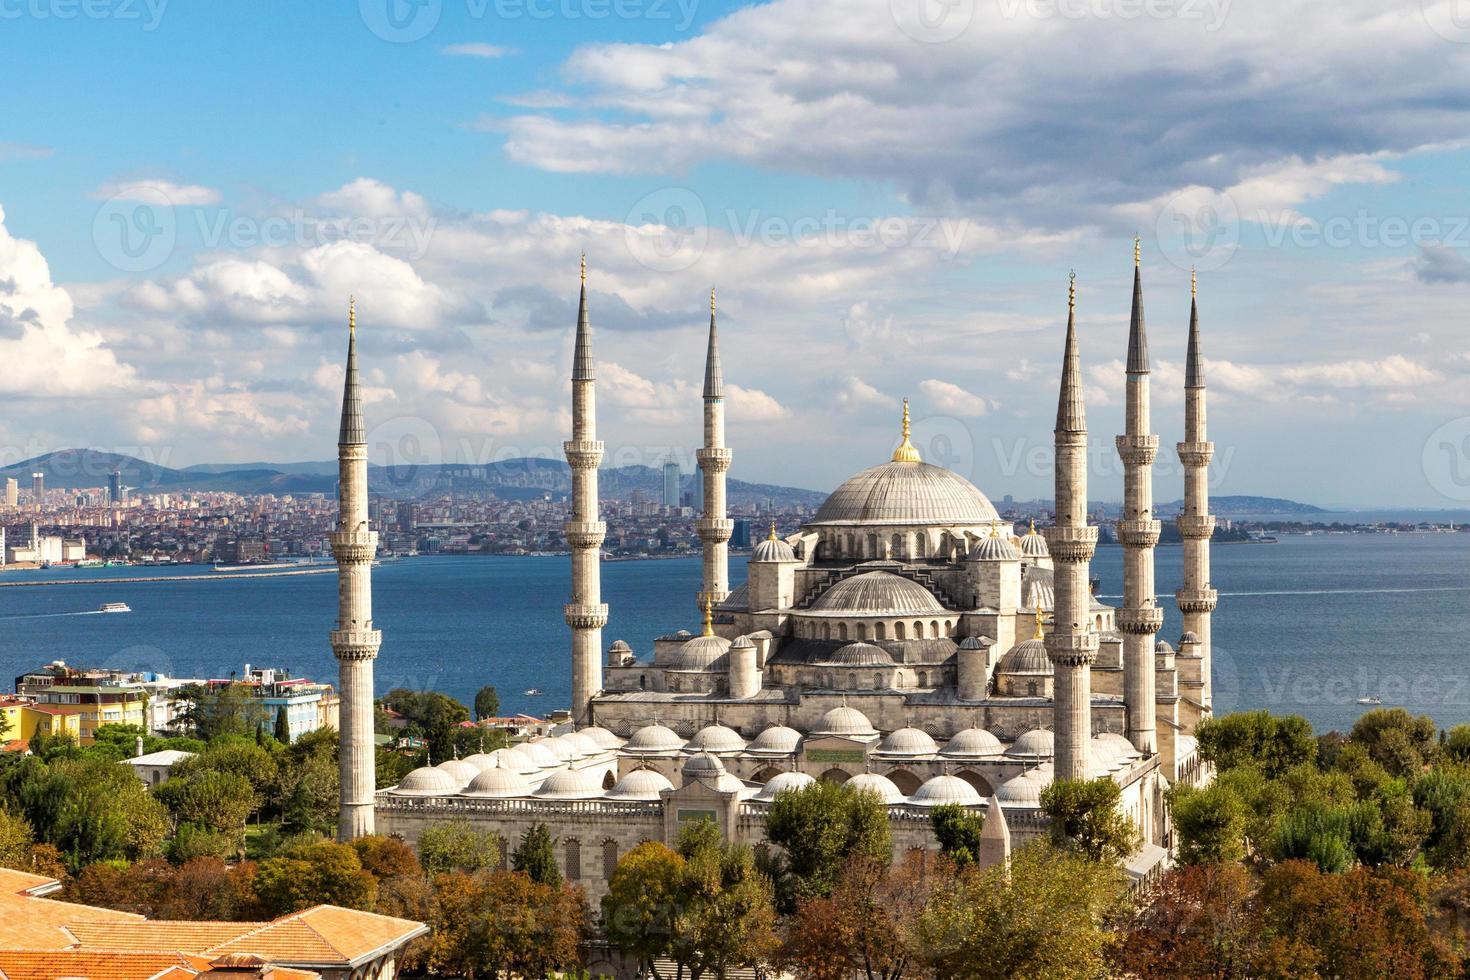 vue aérienne de la mosquée bleue et de la belle région environnante photo